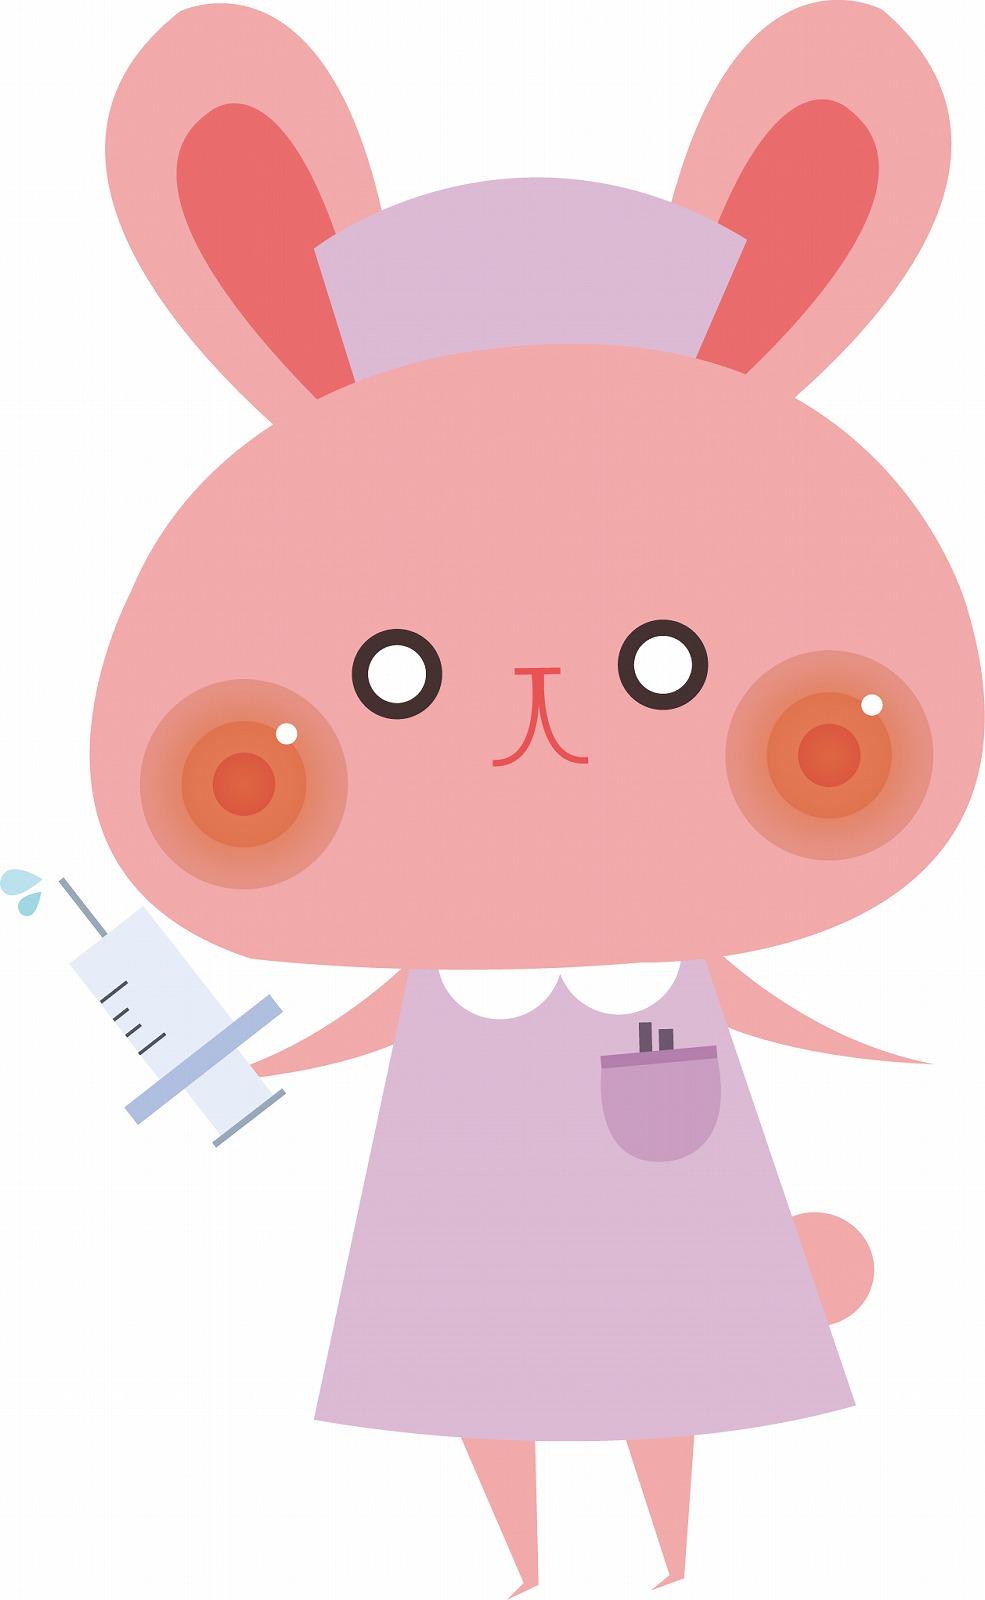 厚労省の子宮頸がんワクチン副反応追跡調査結果はやはり嘘だった